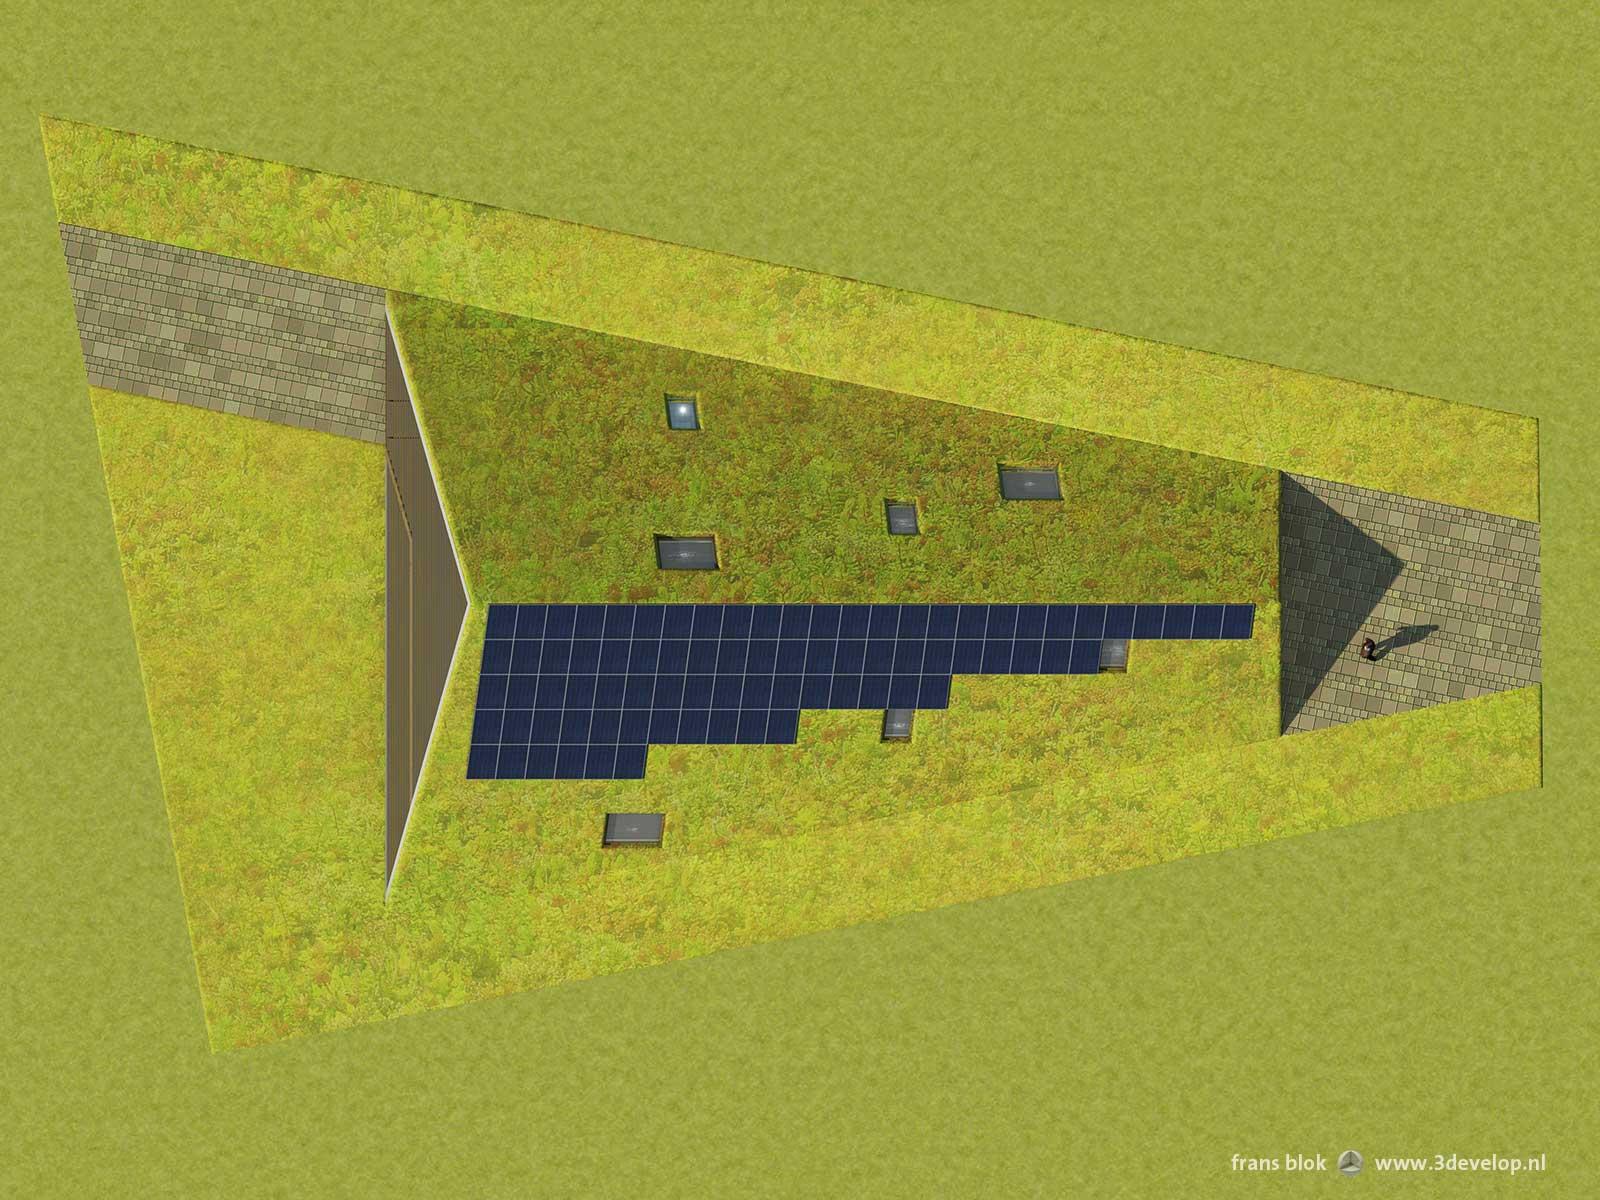 Bovenaanzicht van de Groene Piramide in Borne, een radicaal duurzame woning, met zonnepanelen en begroeid dak